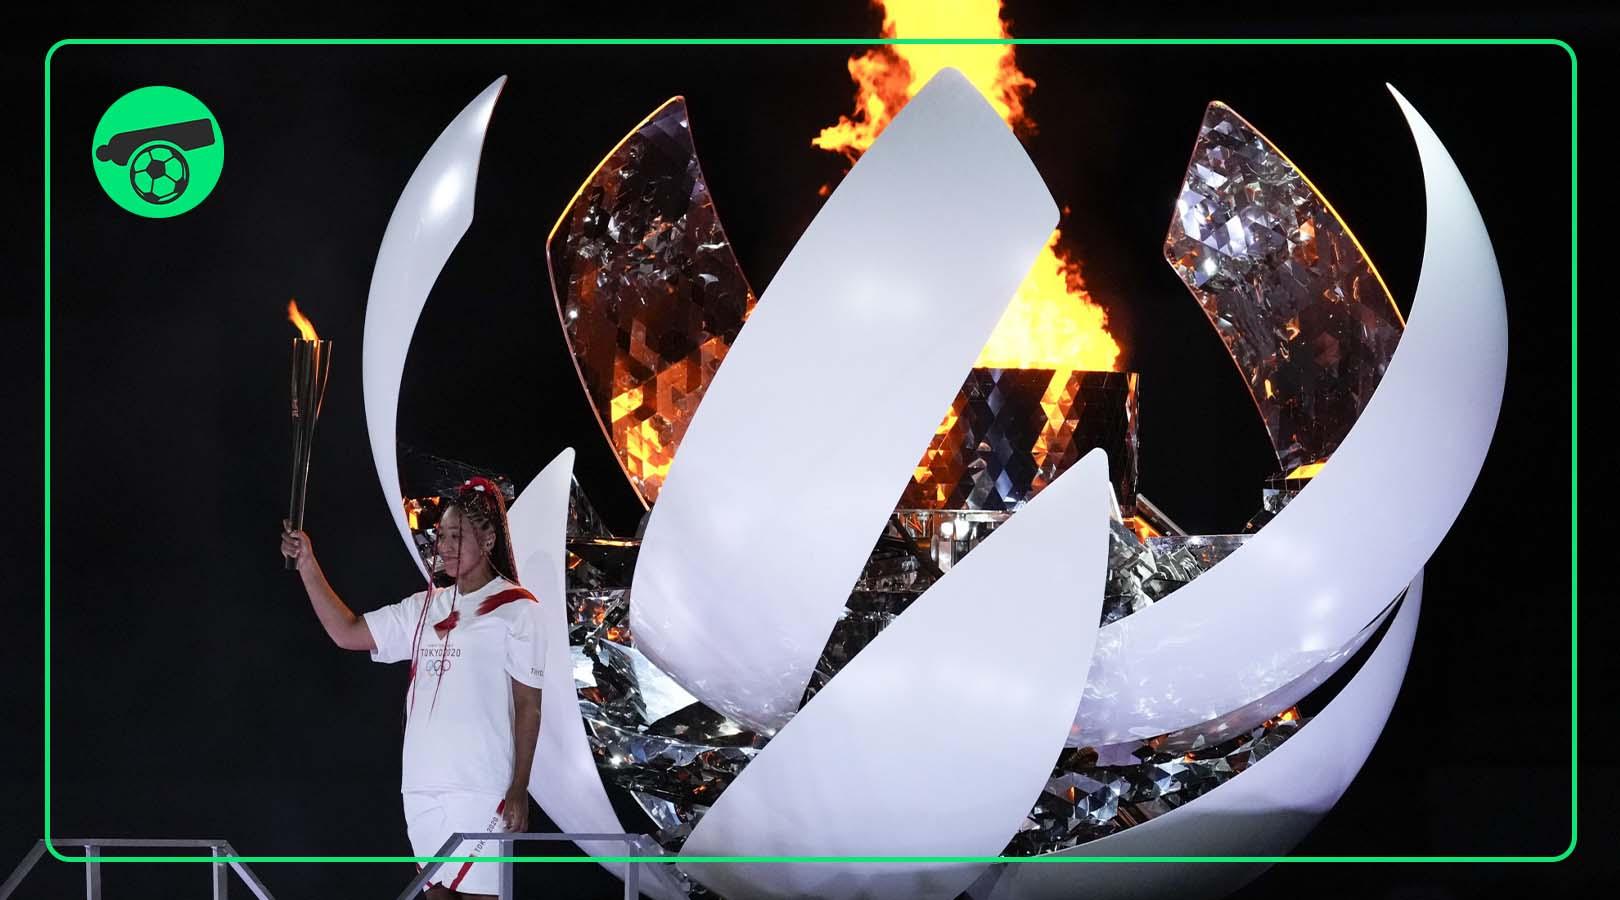 Naomi Osaka lights 2020 Tokyo Olympics cauldron